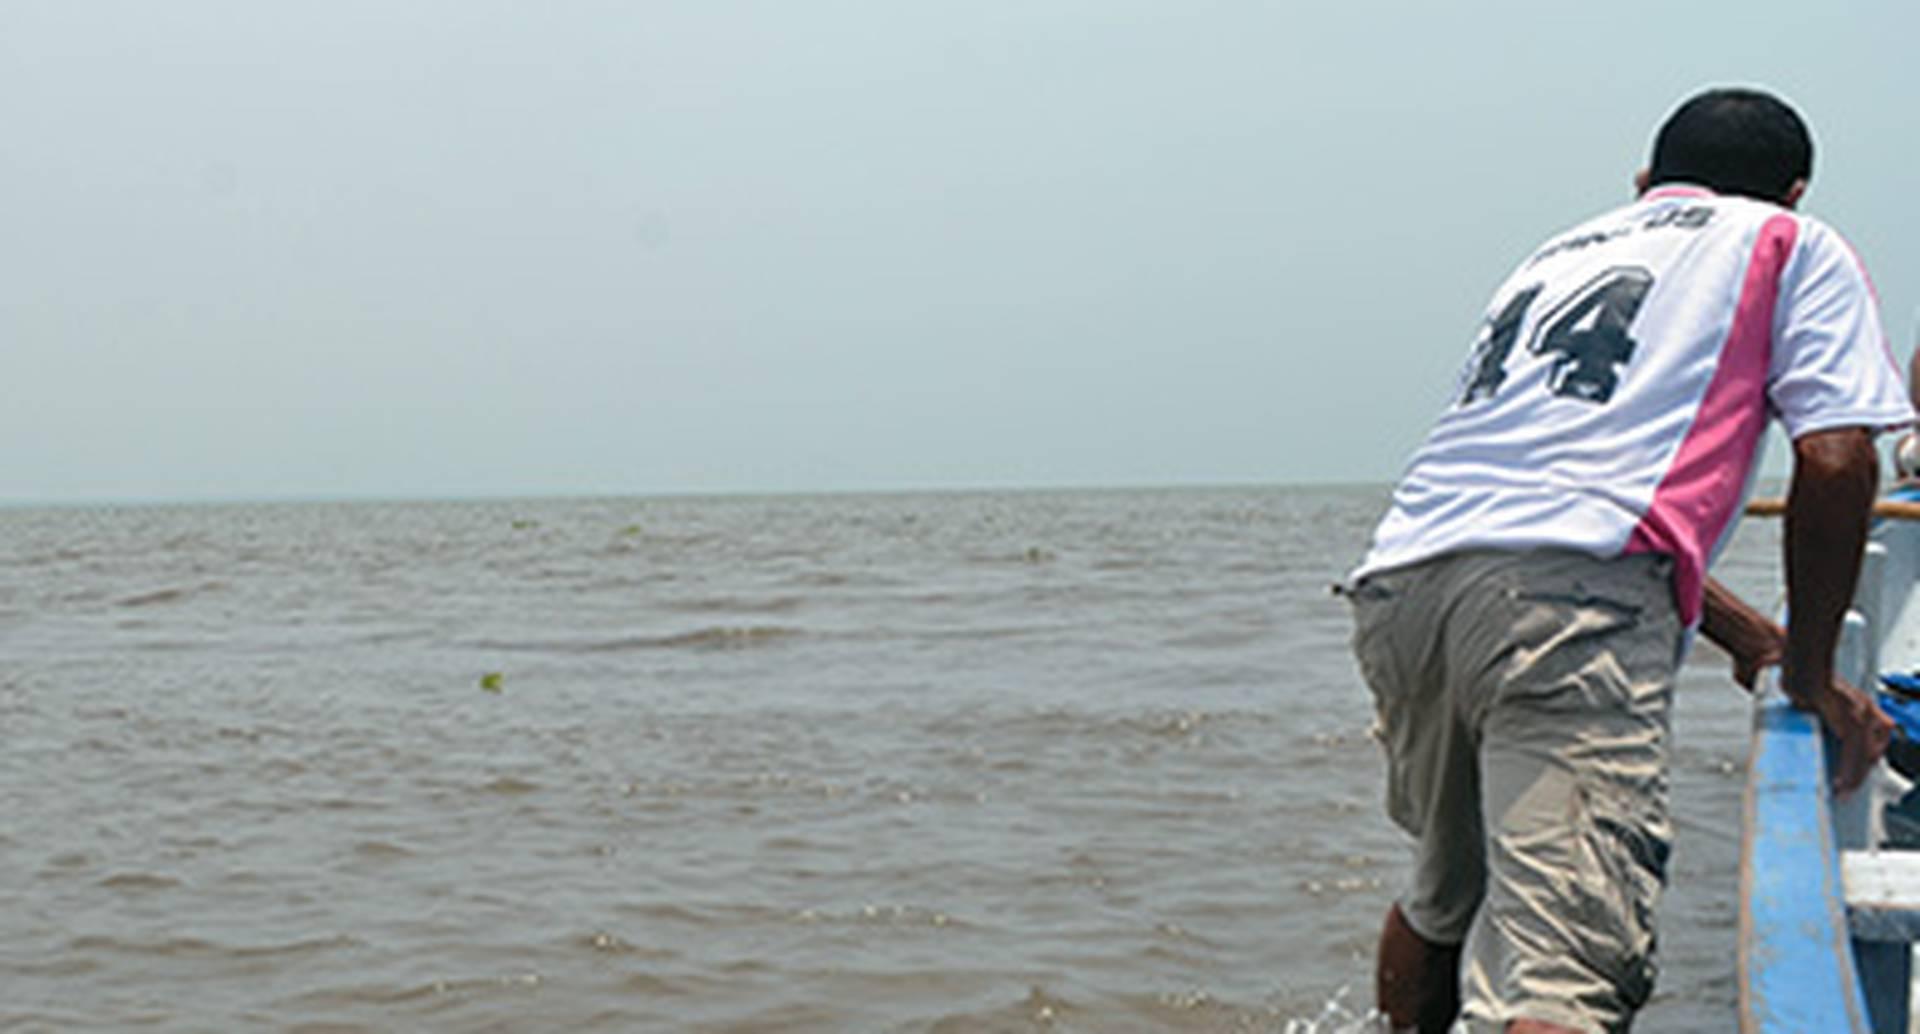 En algunas partes de la ciénaga, incluso en la desembocadura de los ríos como el Aracataca, los bogas tienen que bajarse y caminar para desencallar las canoas.